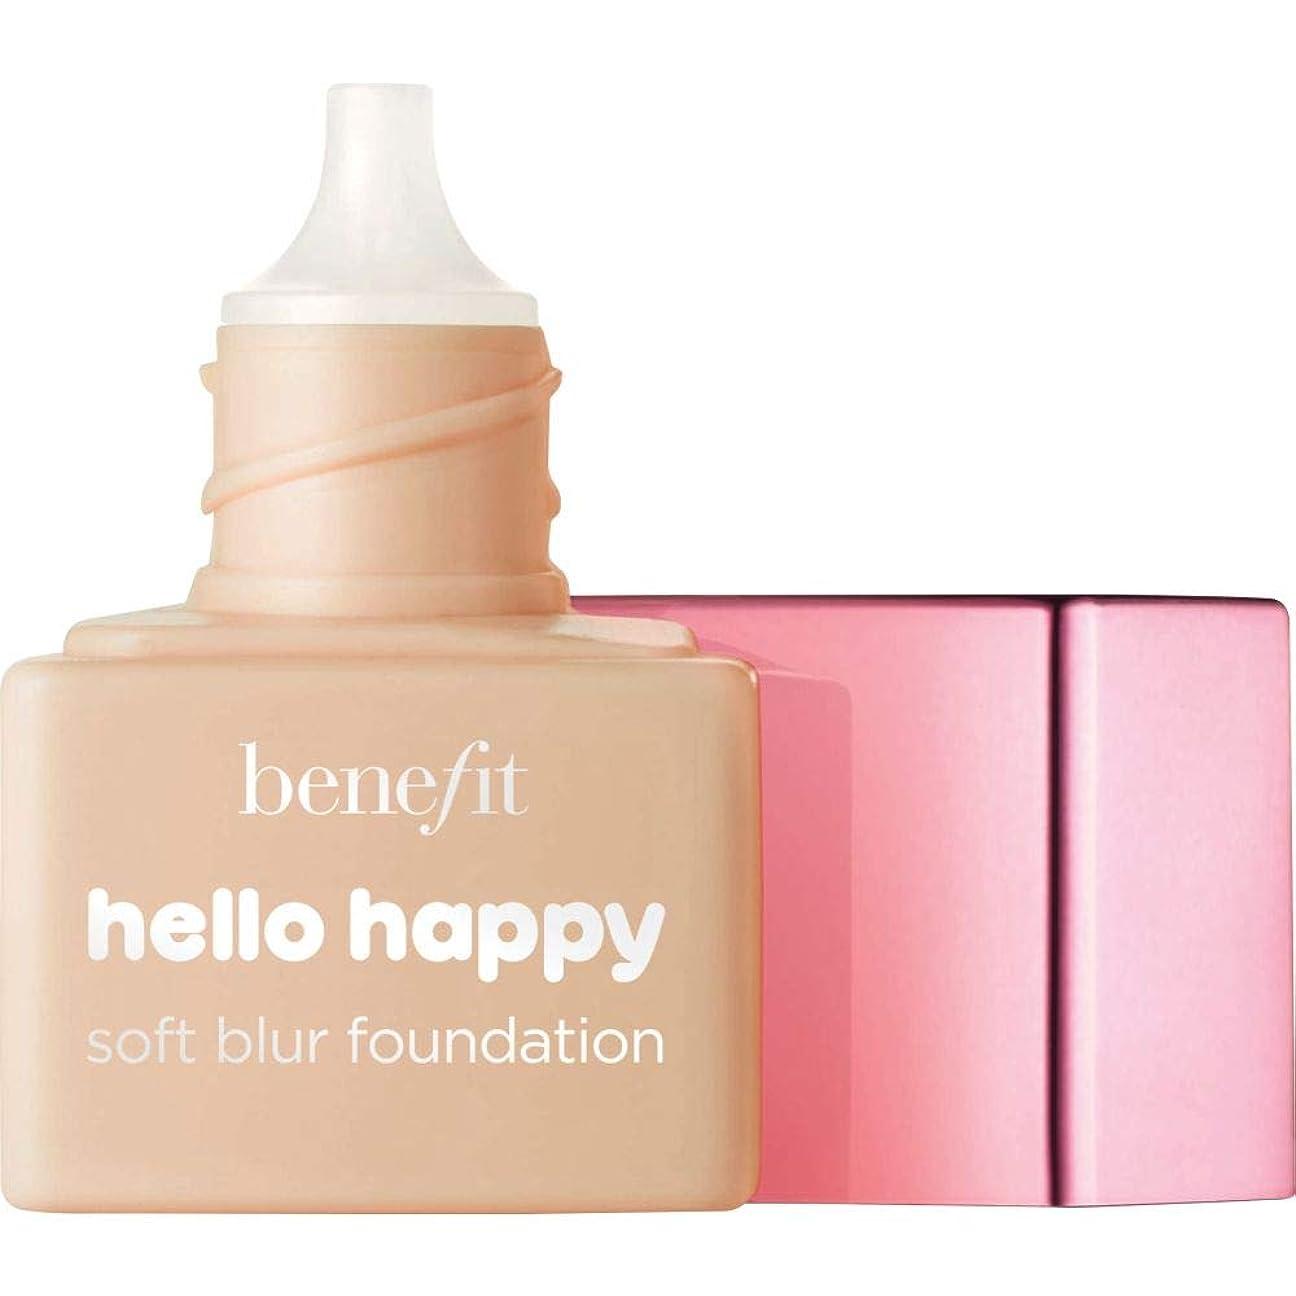 きしむリファイン辛な[Benefit ] ミニ4 - - こんにちは幸せソフトブラー基礎Spf15の6ミリリットルの利益中性媒体中 - Benefit Hello Happy Soft Blur Foundation SPF15 6ml - Mini 4 - Medium Neutral [並行輸入品]